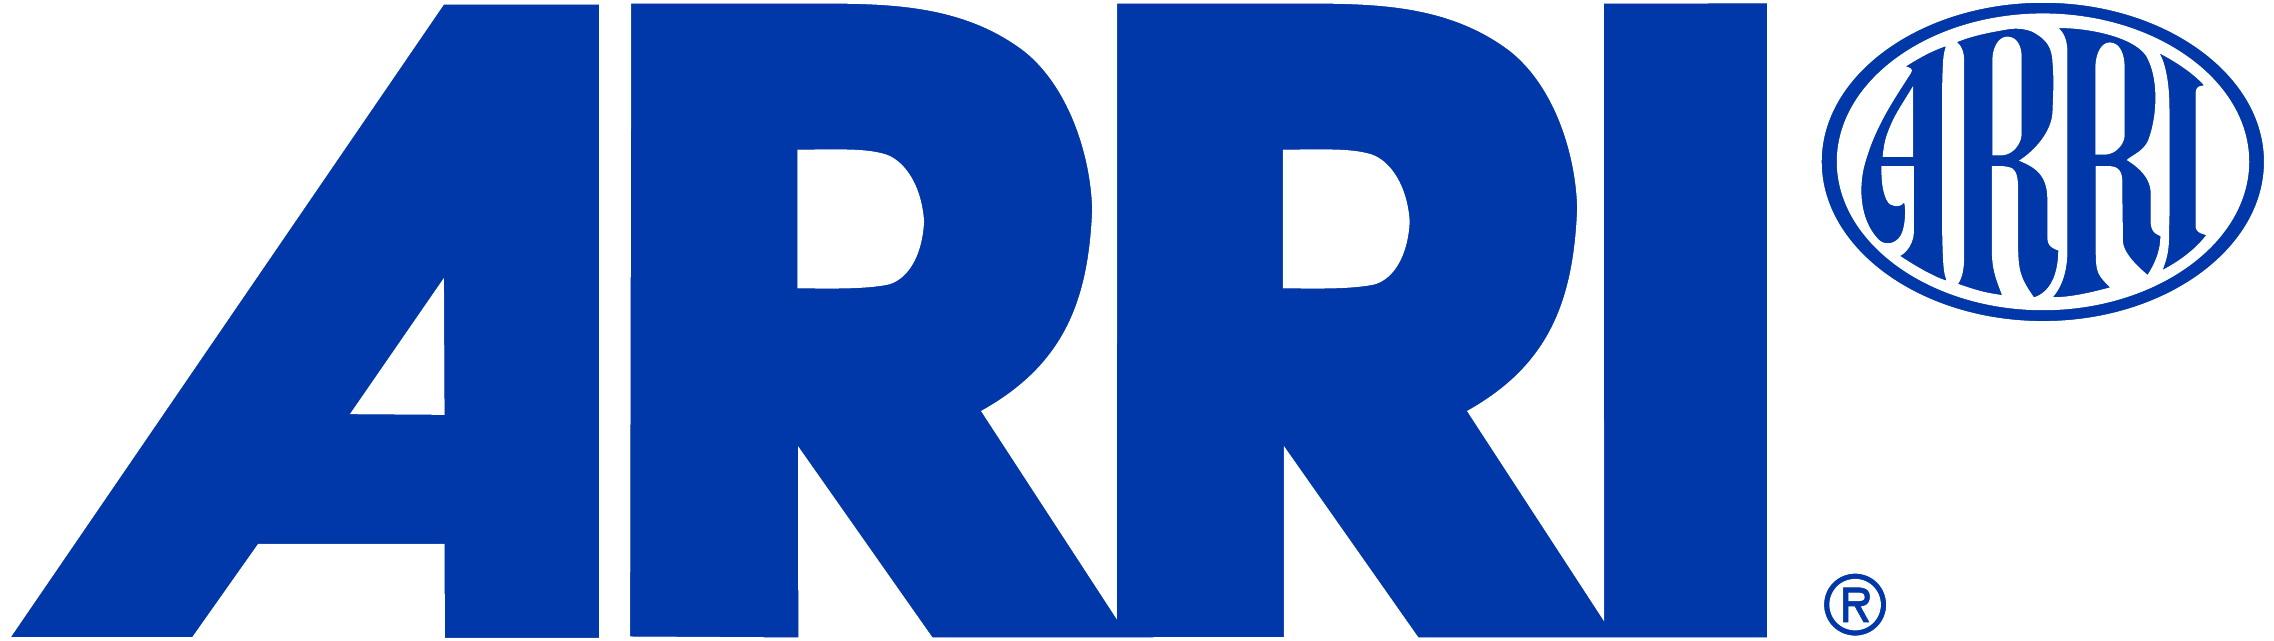 ARRI dark logo